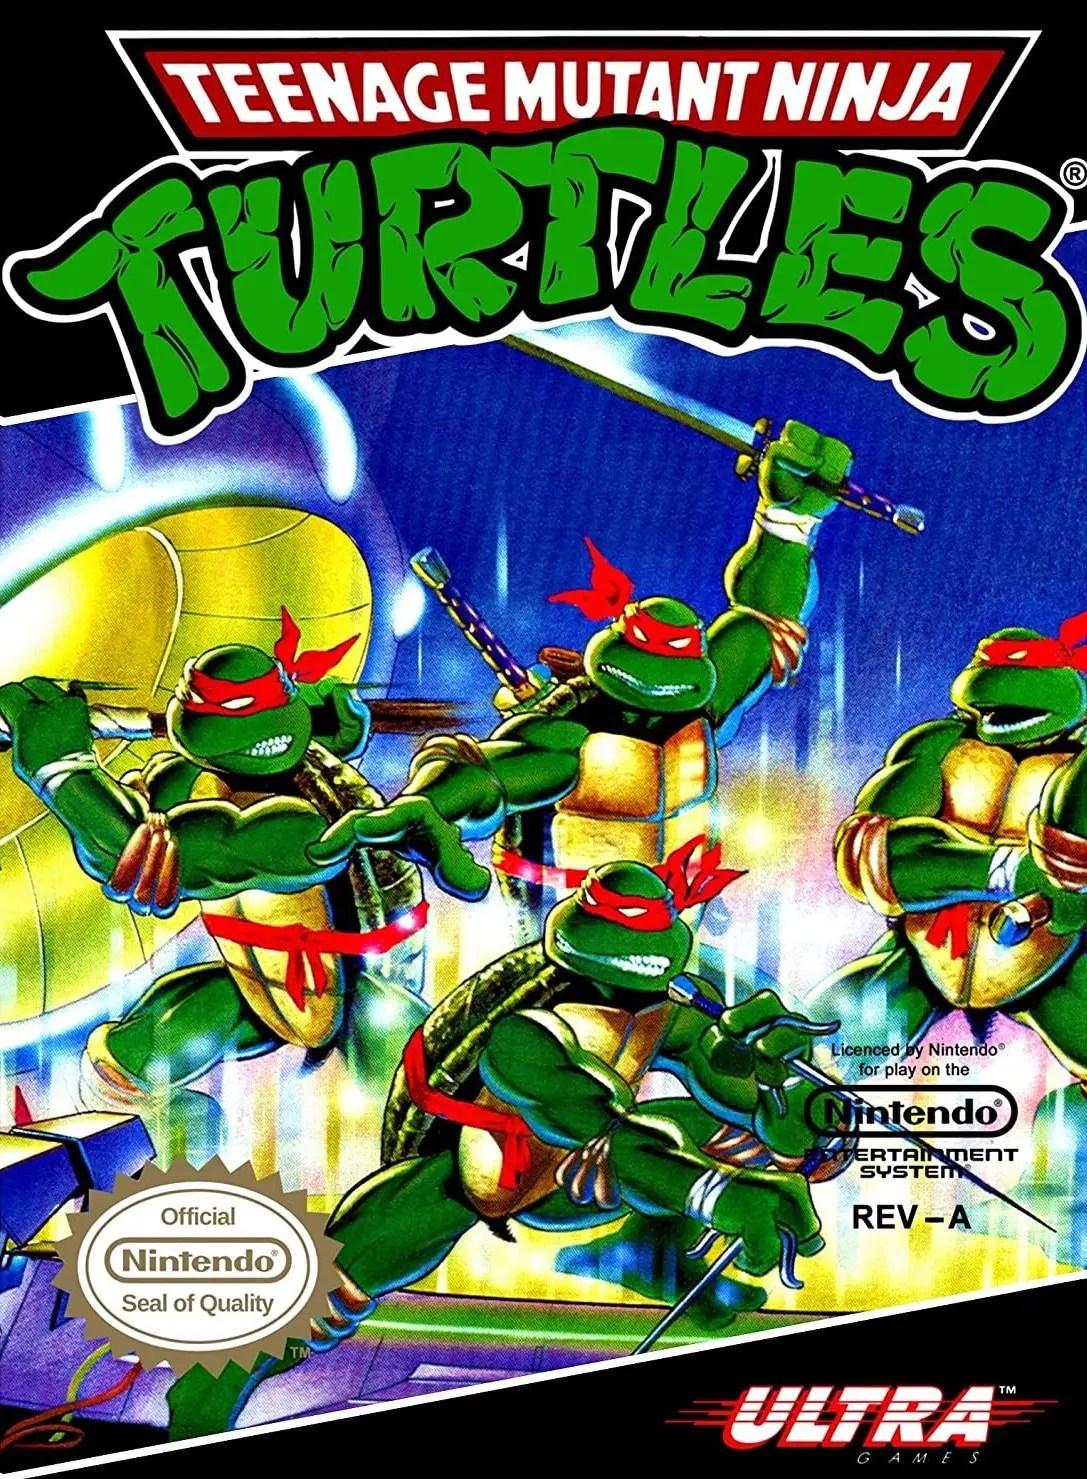 Teenage Mutant Ninja Turtles for Nintendo Entertainment System (NES)